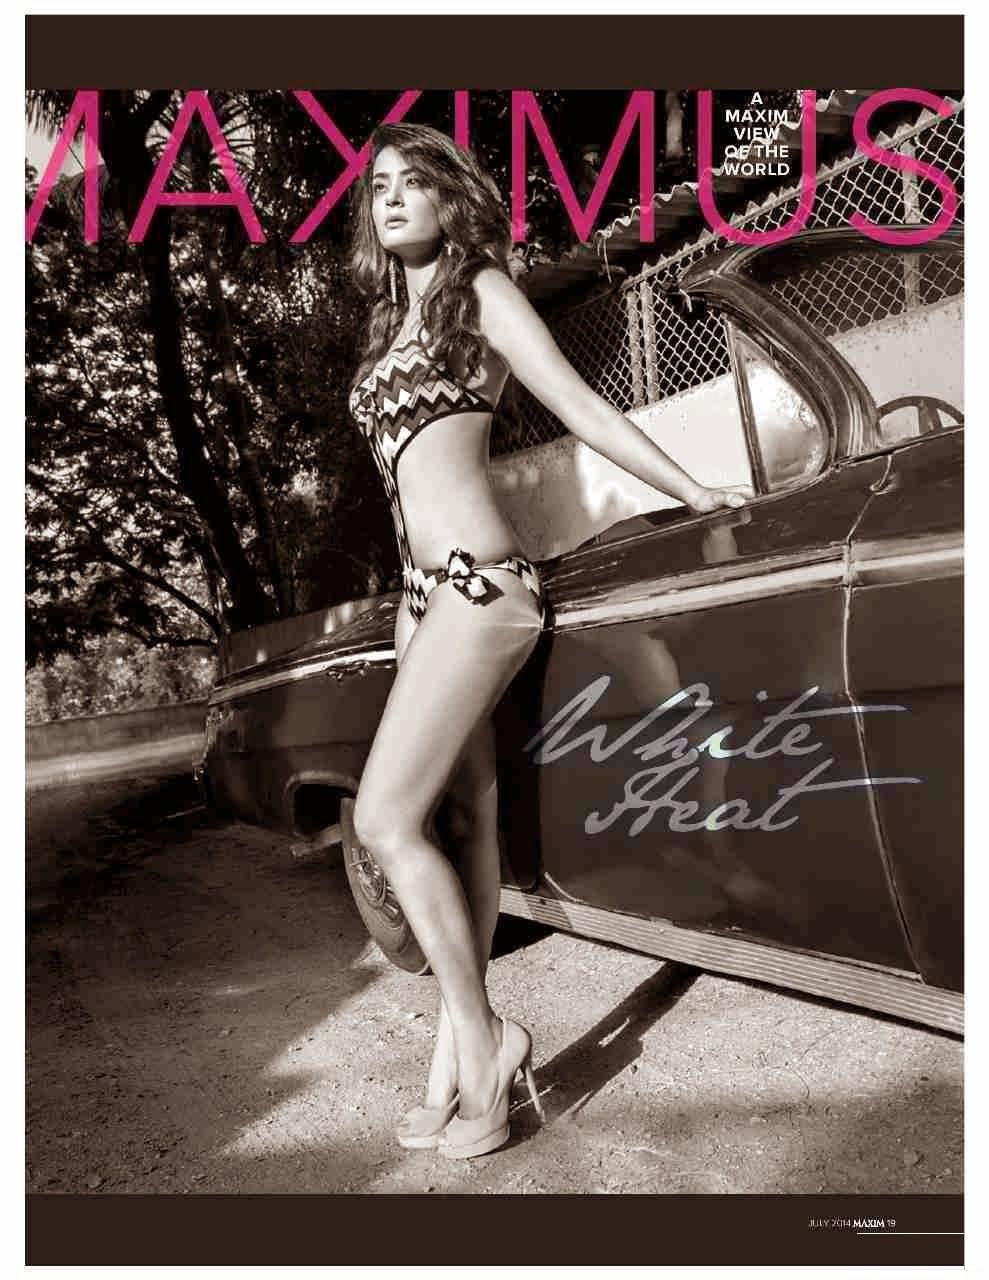 Surveen Chawla looking hot in bikini in Maxim India magazine